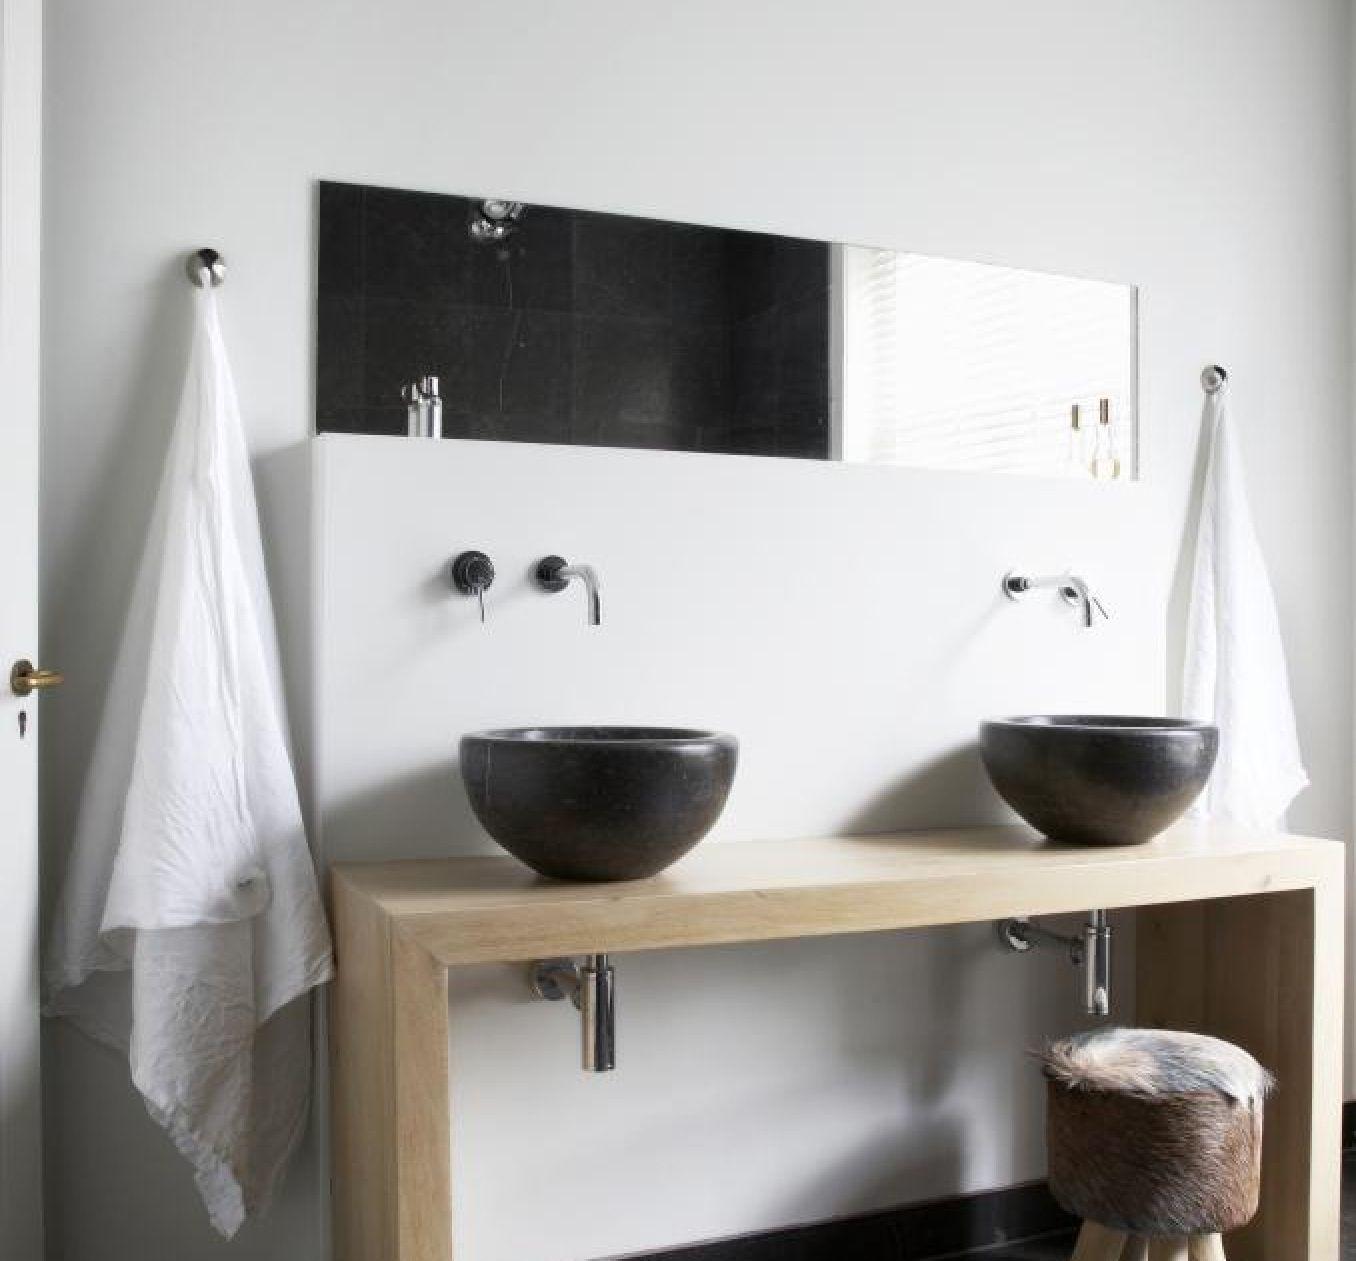 reforma bao con lavabos diseo negros sobre encimera de madera grifos empotrados espejo de